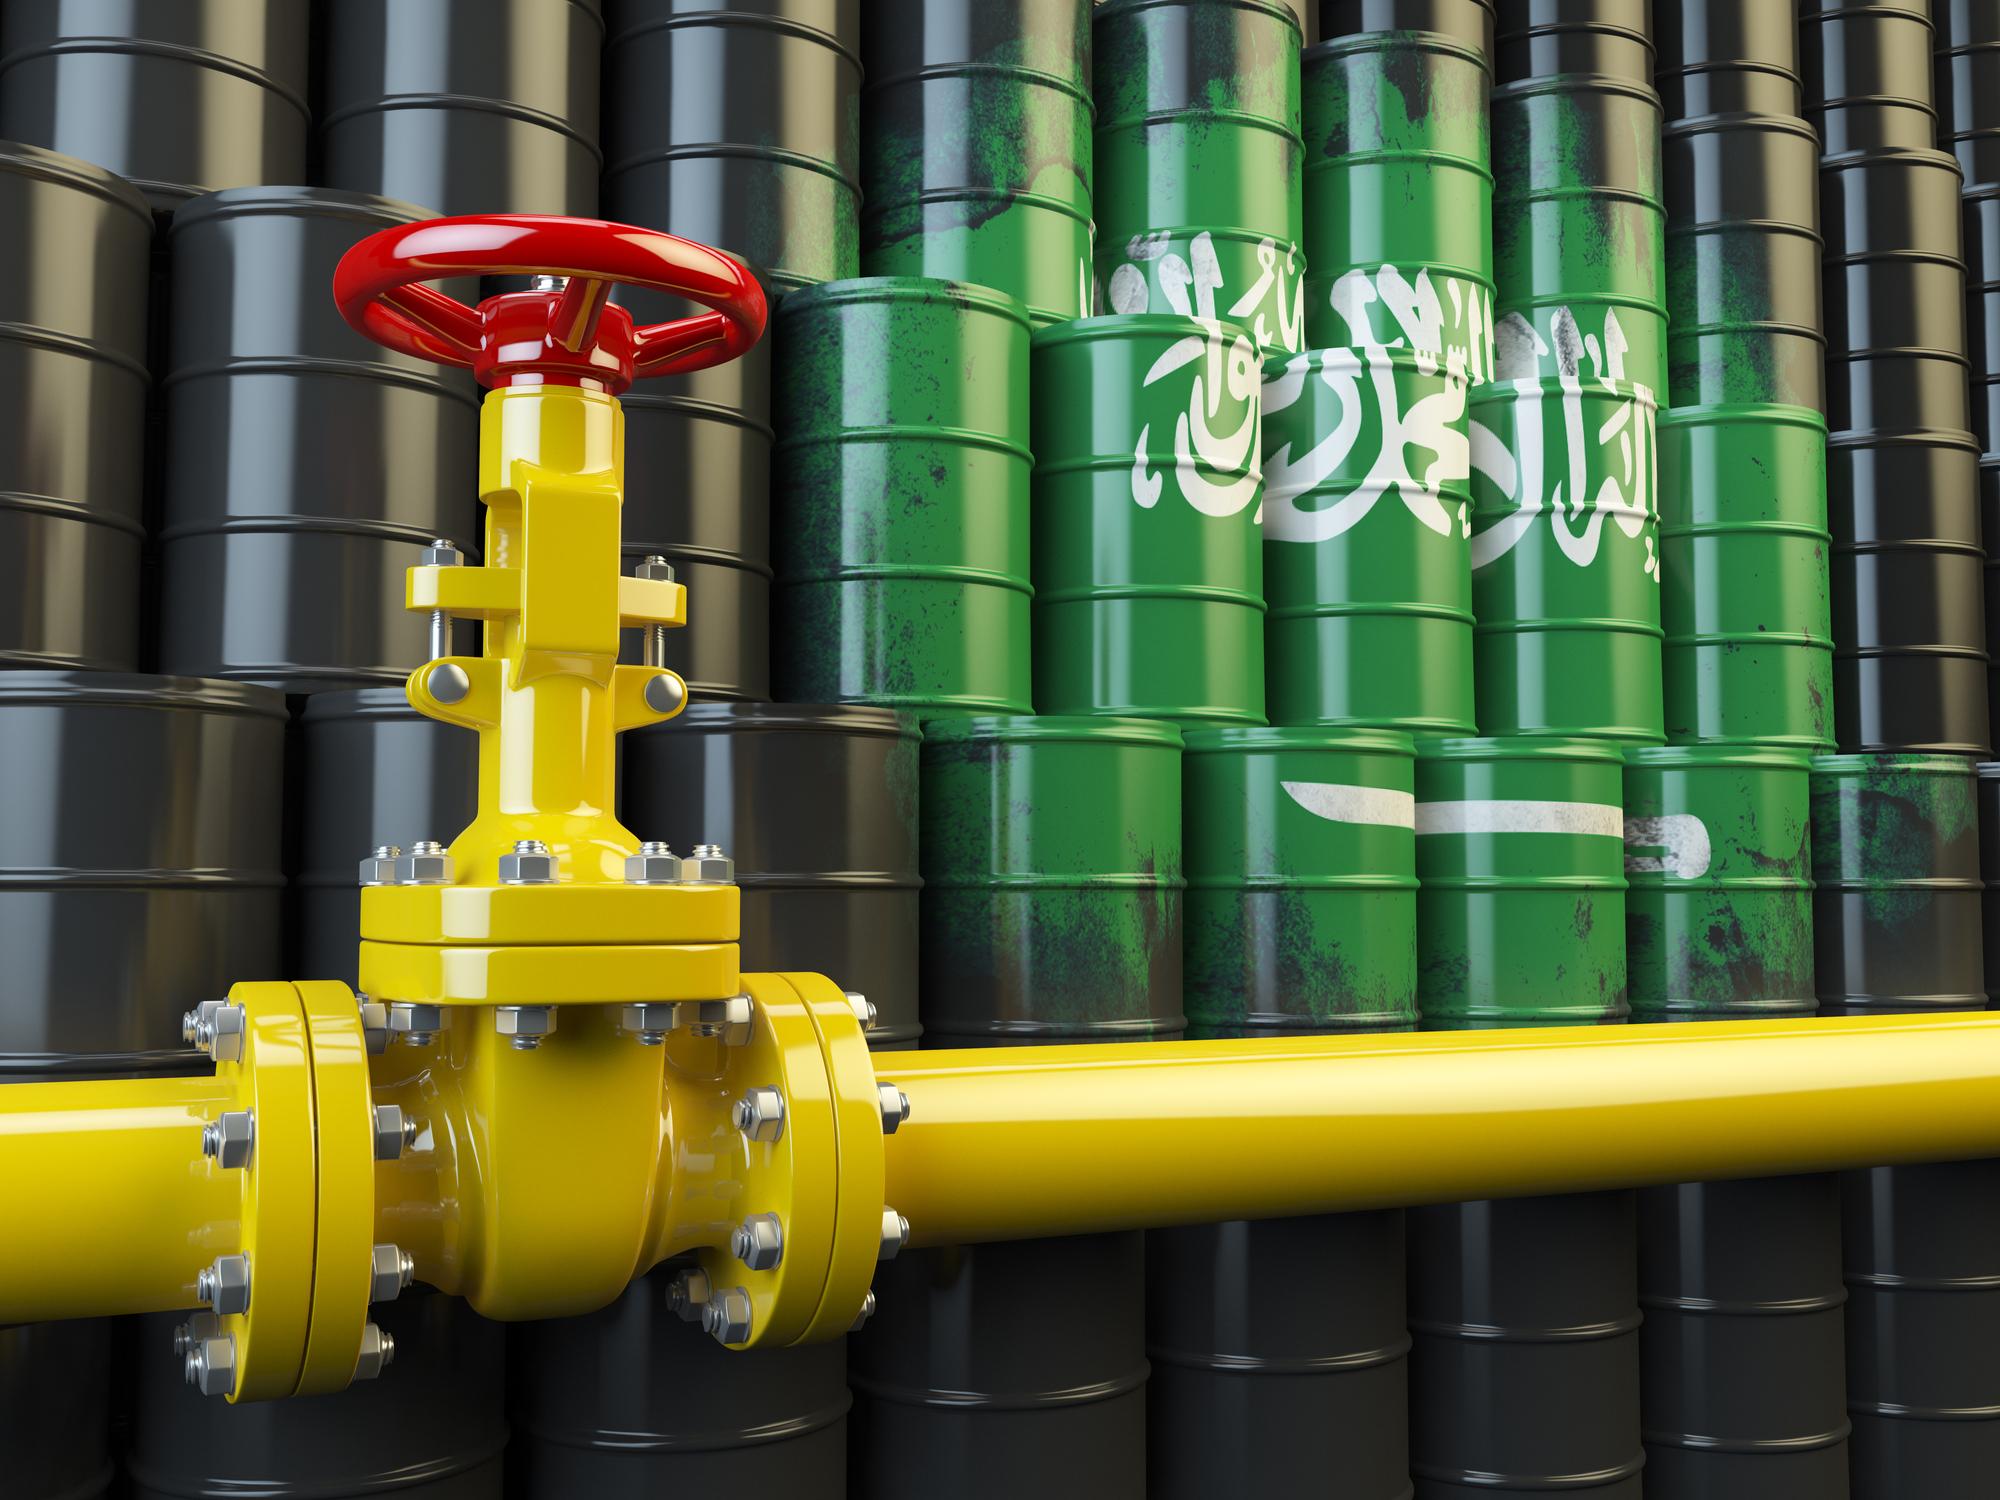 Oil pipeline valve in front of Saudi Arabia flag.